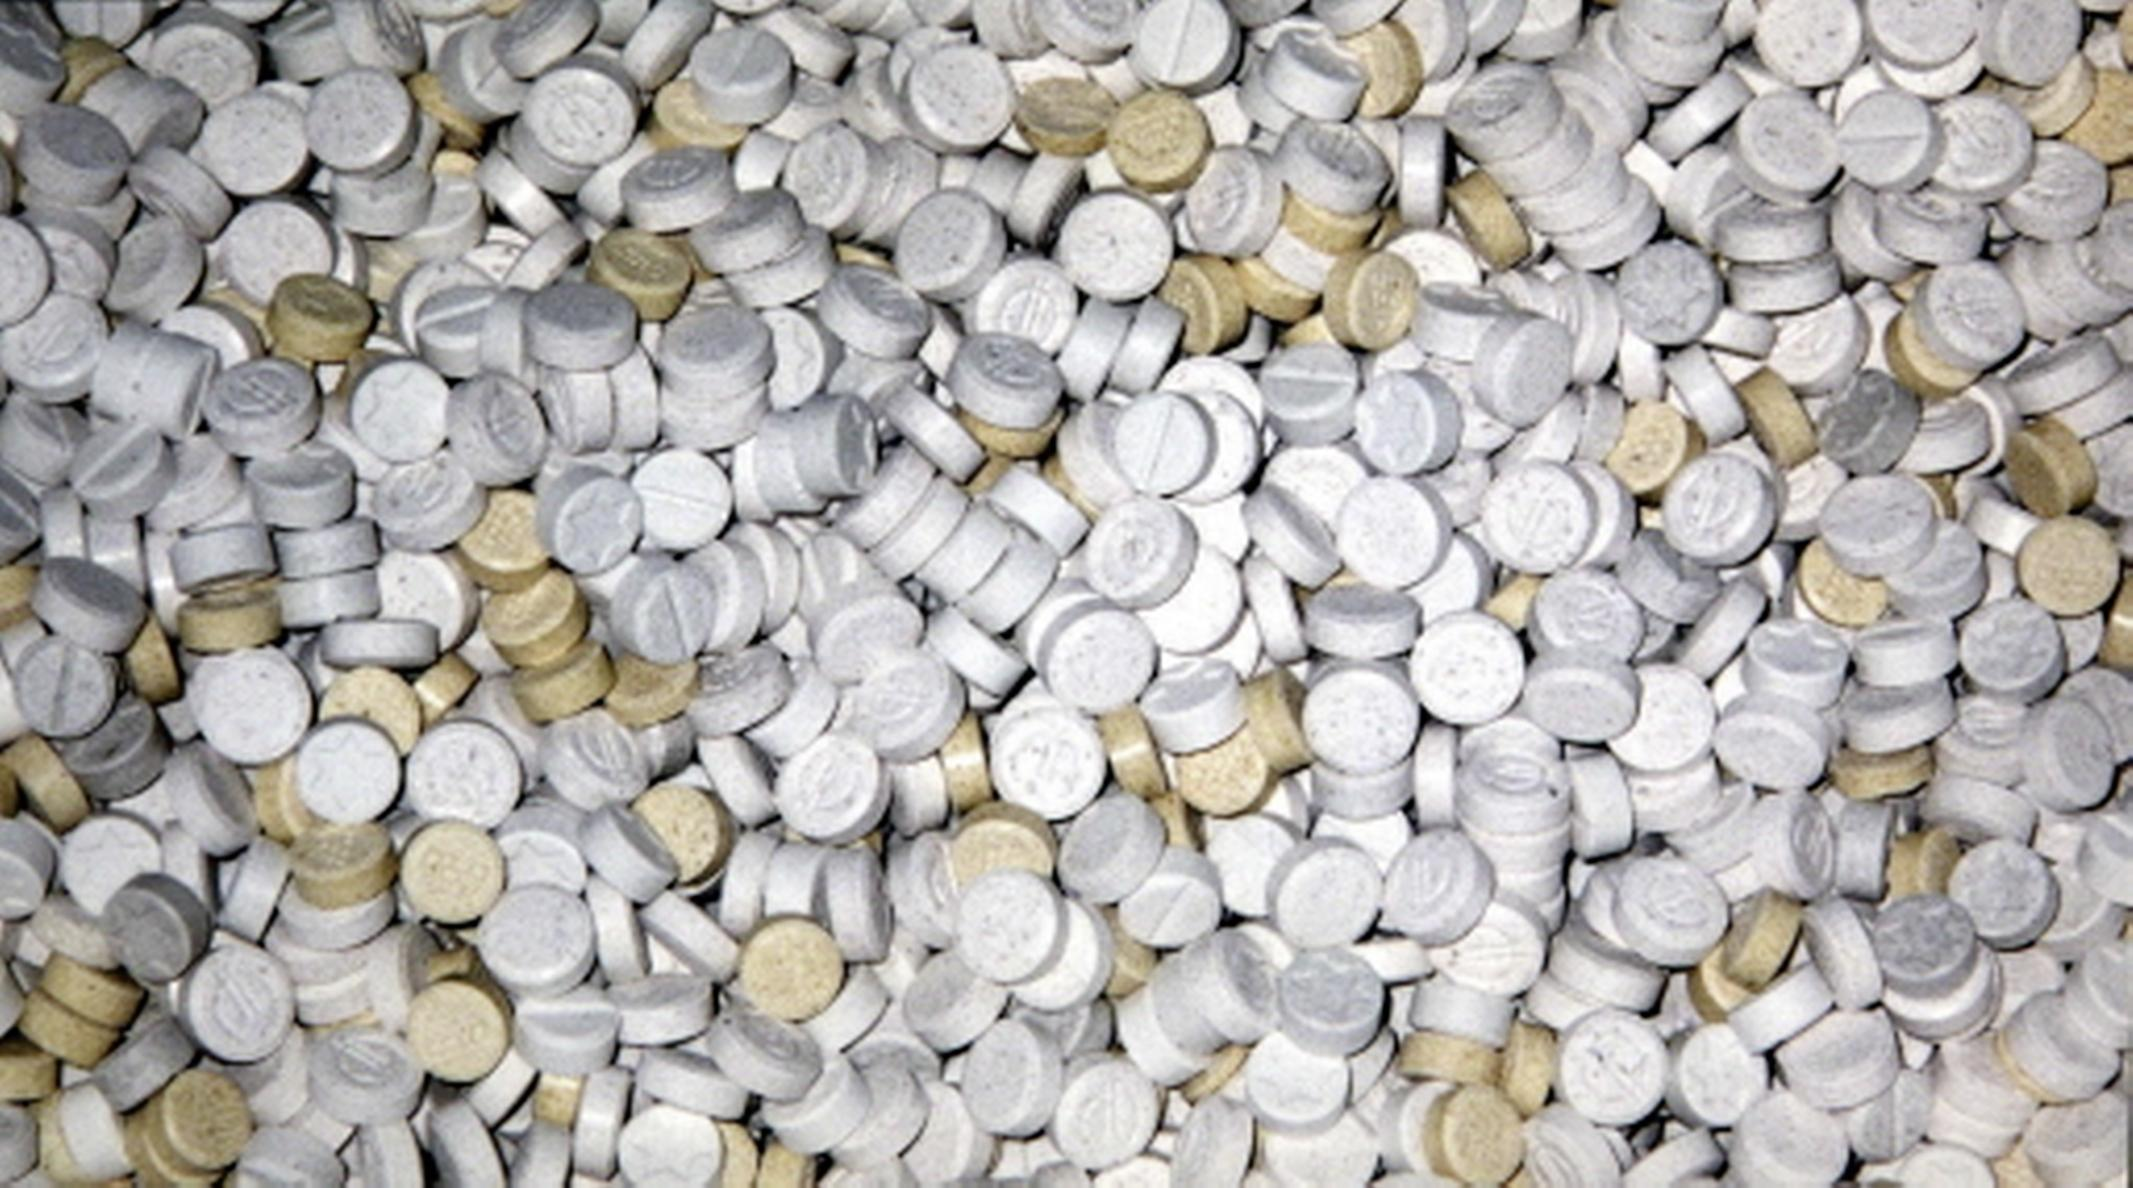 De 87 kilo 'verse' MDMA in zes big shoppers ruiken een uur na aflevering nog naar aceton; Egmondse leverancier (51) hoort zeven jaar gevangenisstraf eisen